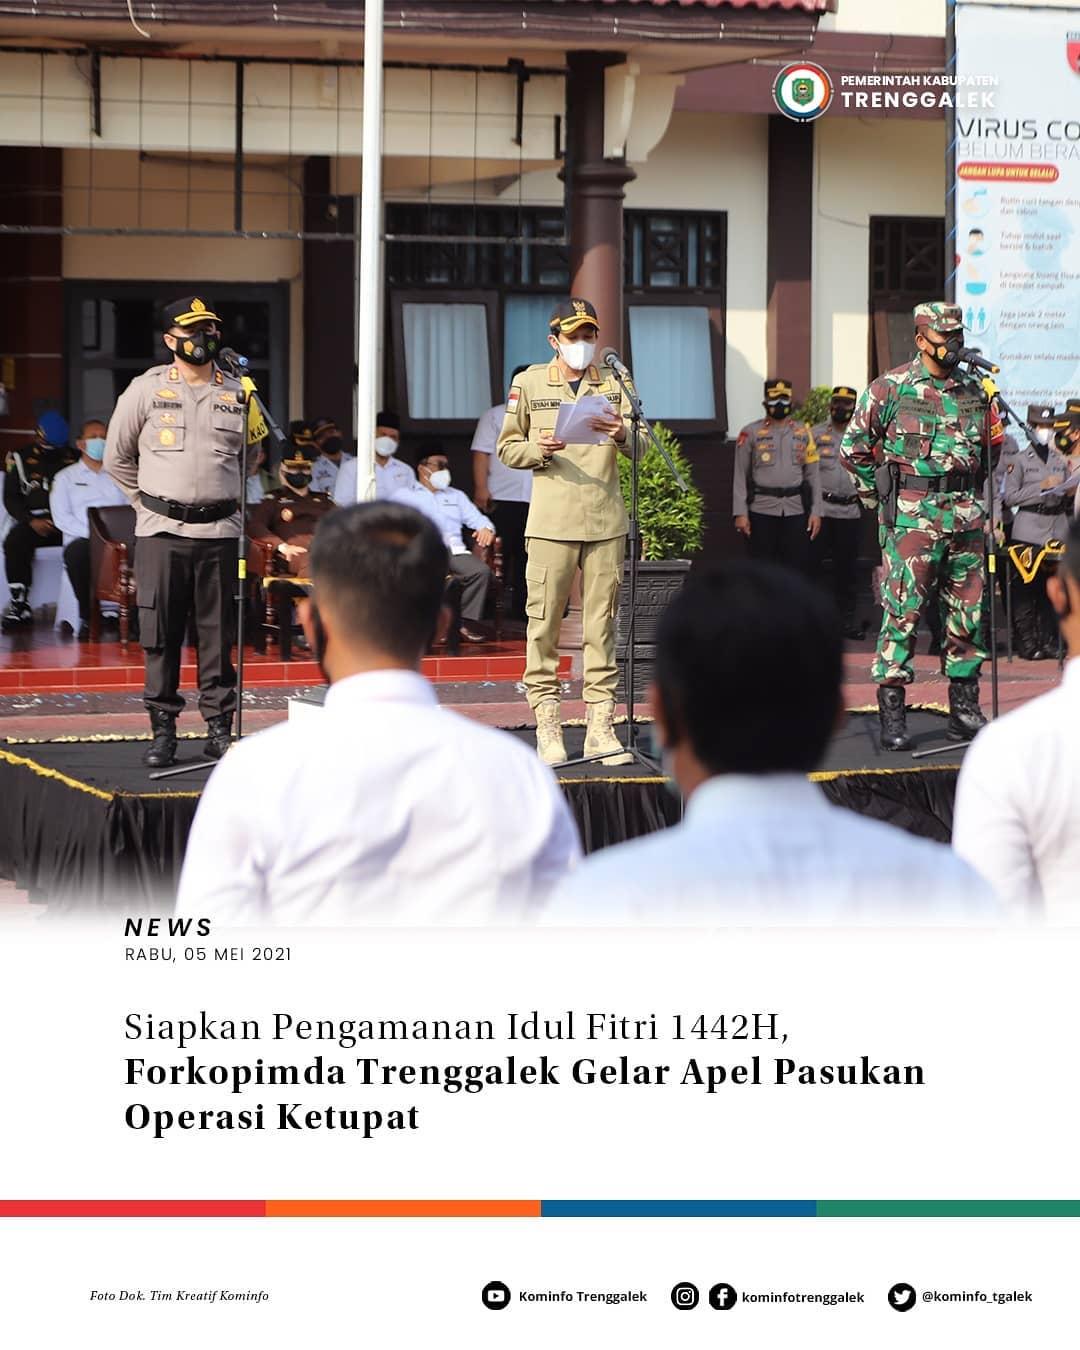 Siapkan Pengamanan Idul Fitri 1442H, Forkopinda Tenggalek Gelar Apel Pasukan Operasi Ketupat